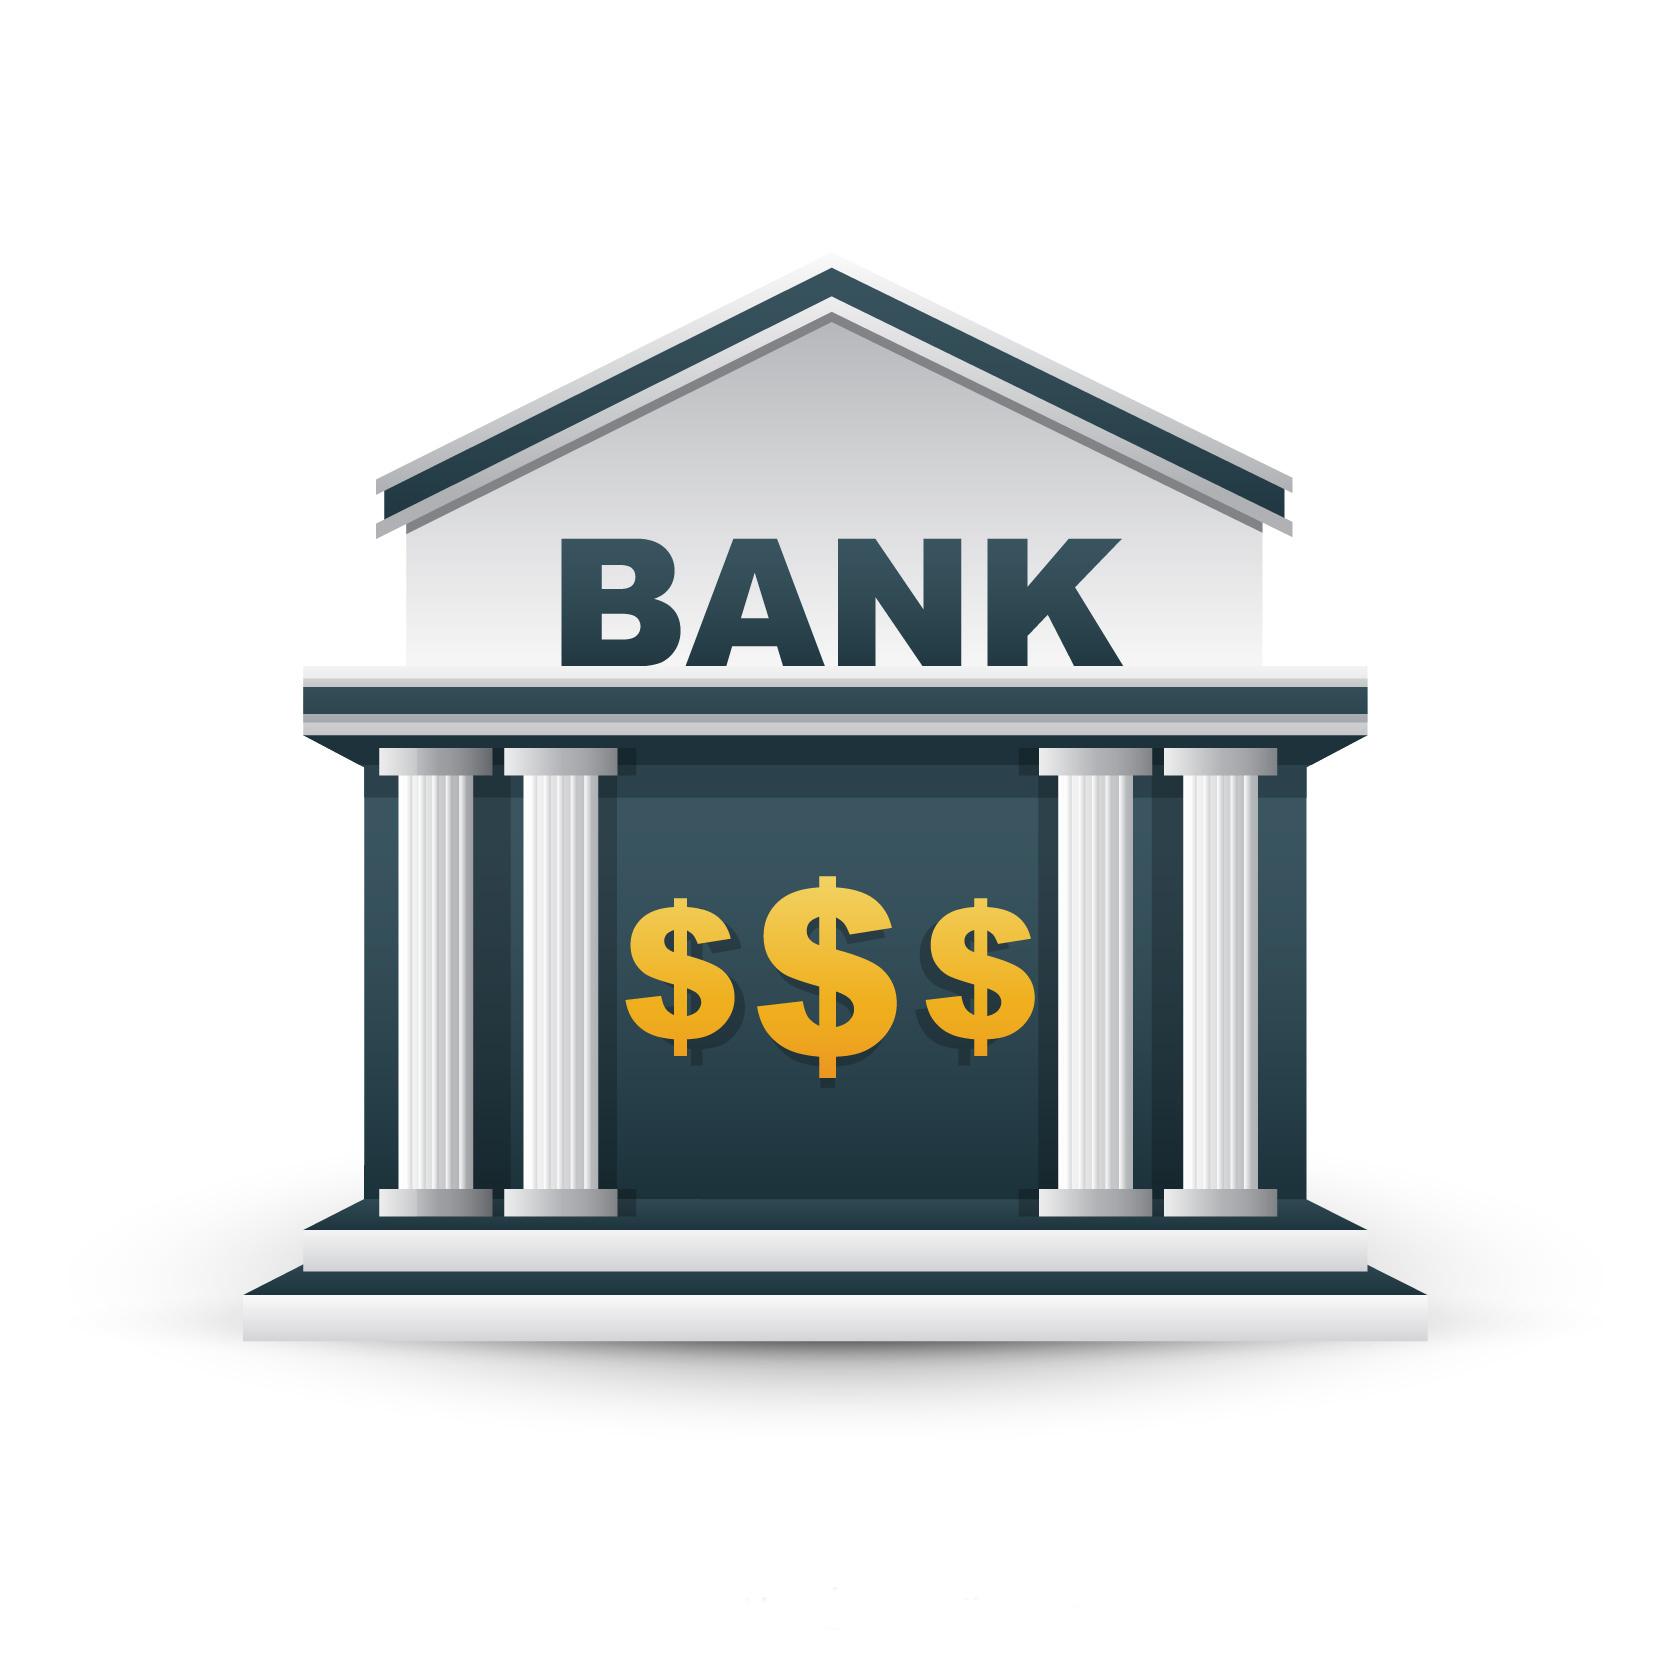 تصویر از مستند کوتاه پیدایش بانک